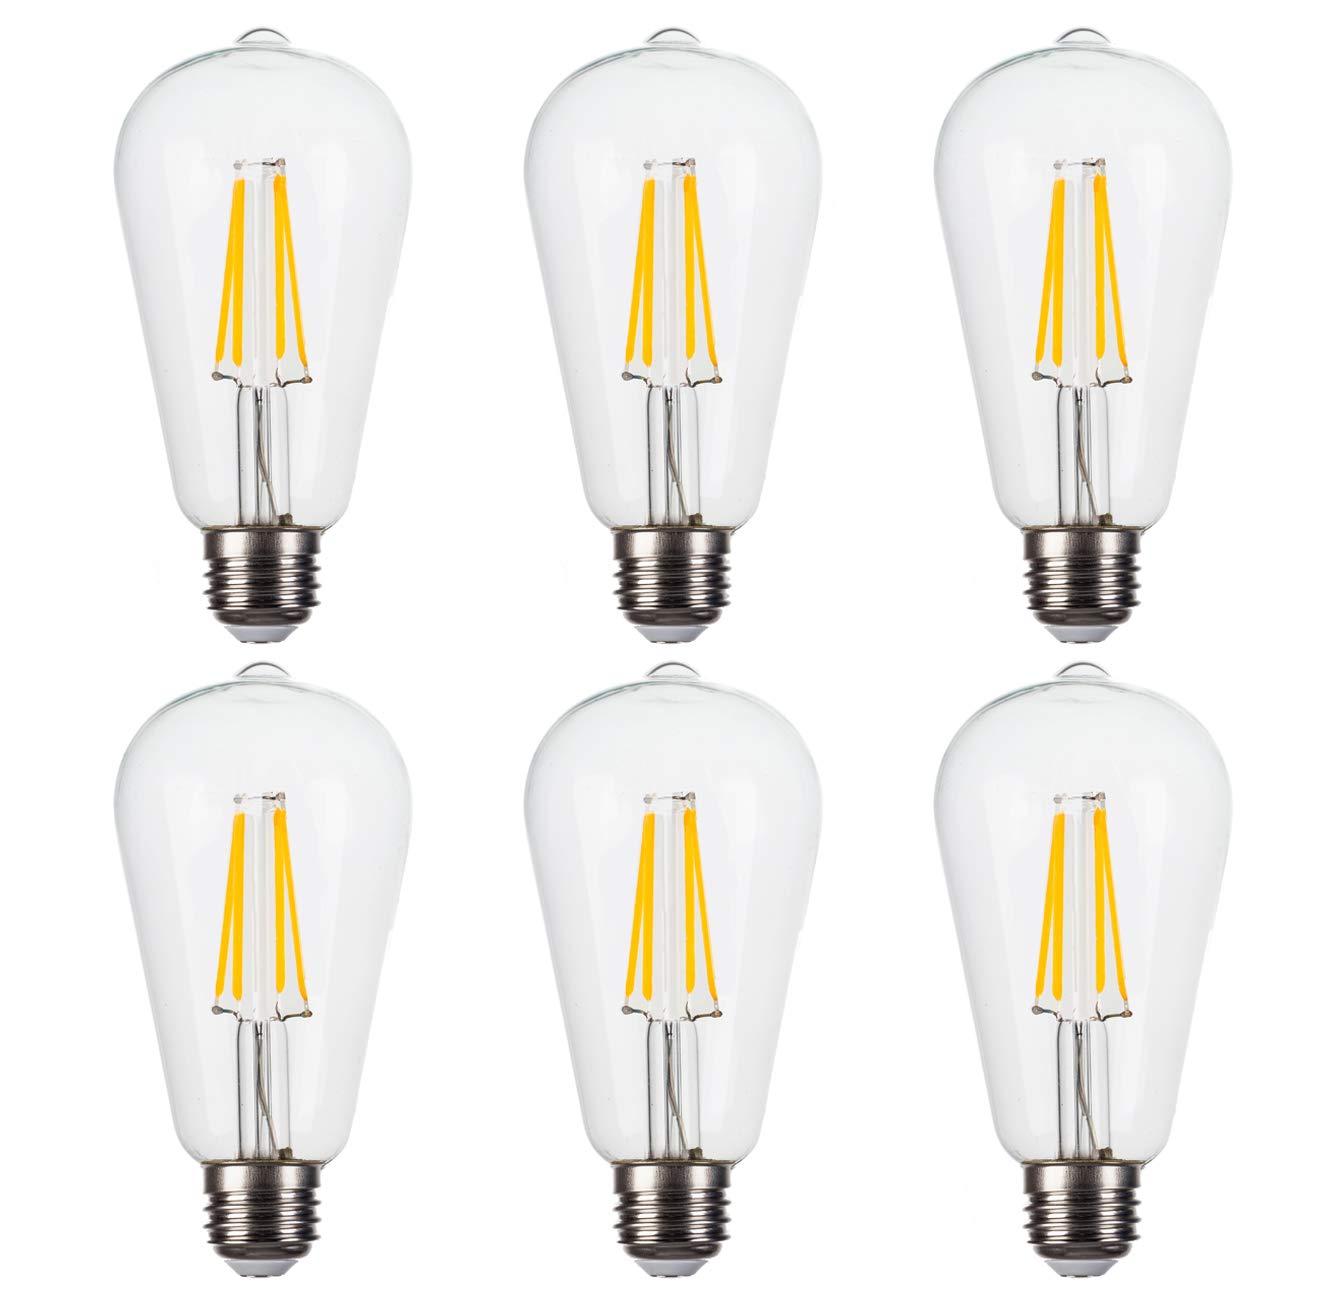 FLSNT LEDヴィンテージエジソン電球 クリア DSST2140FIL-C27-6  Clear Glass B07KPSGSLF